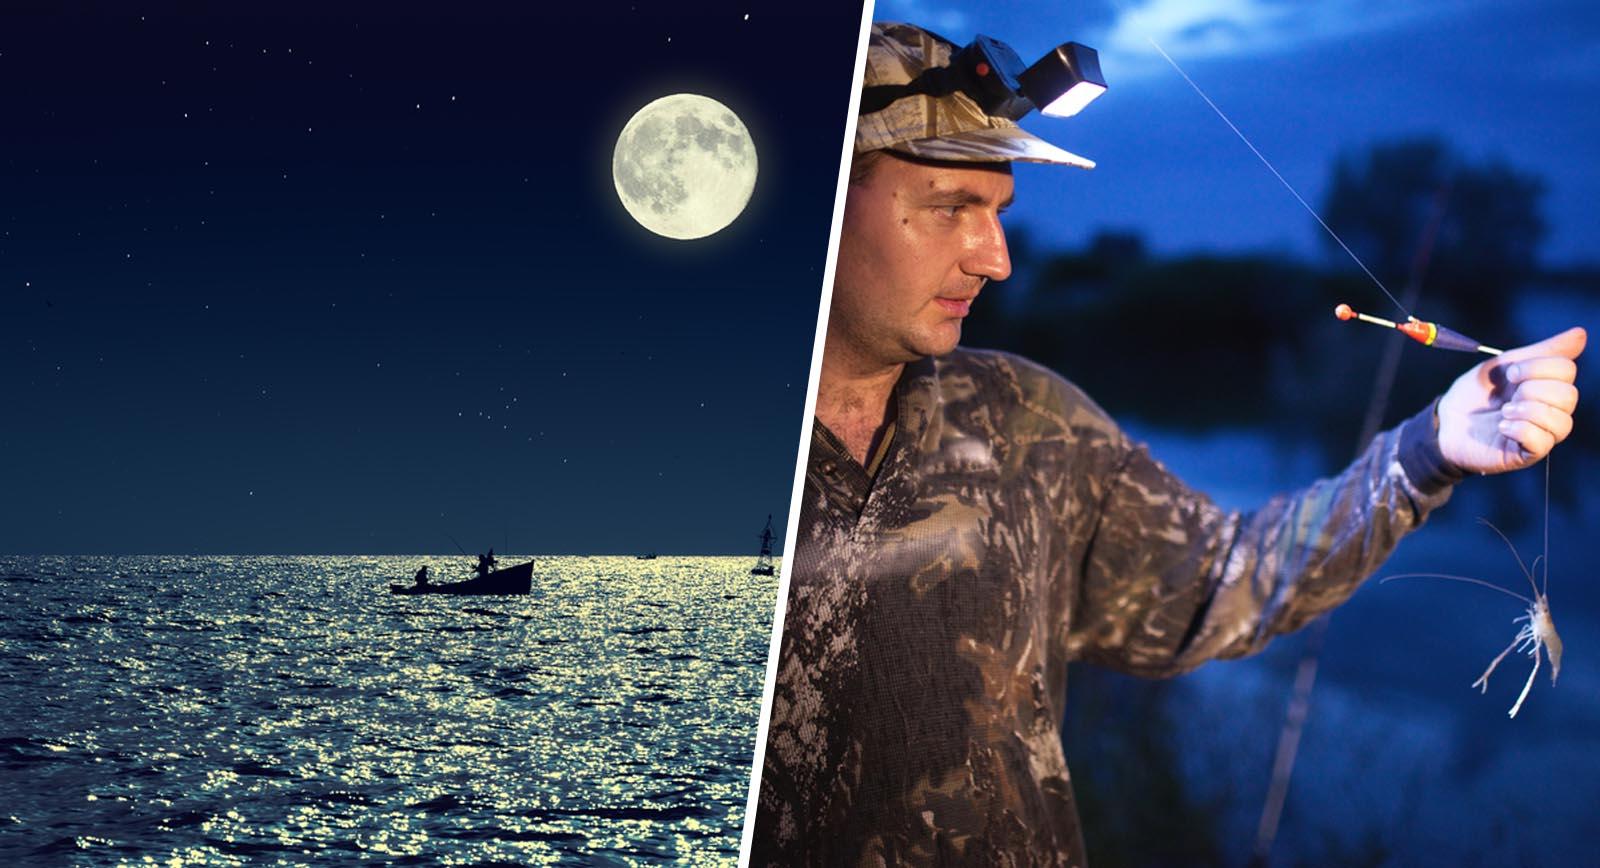 night fishing can be fun